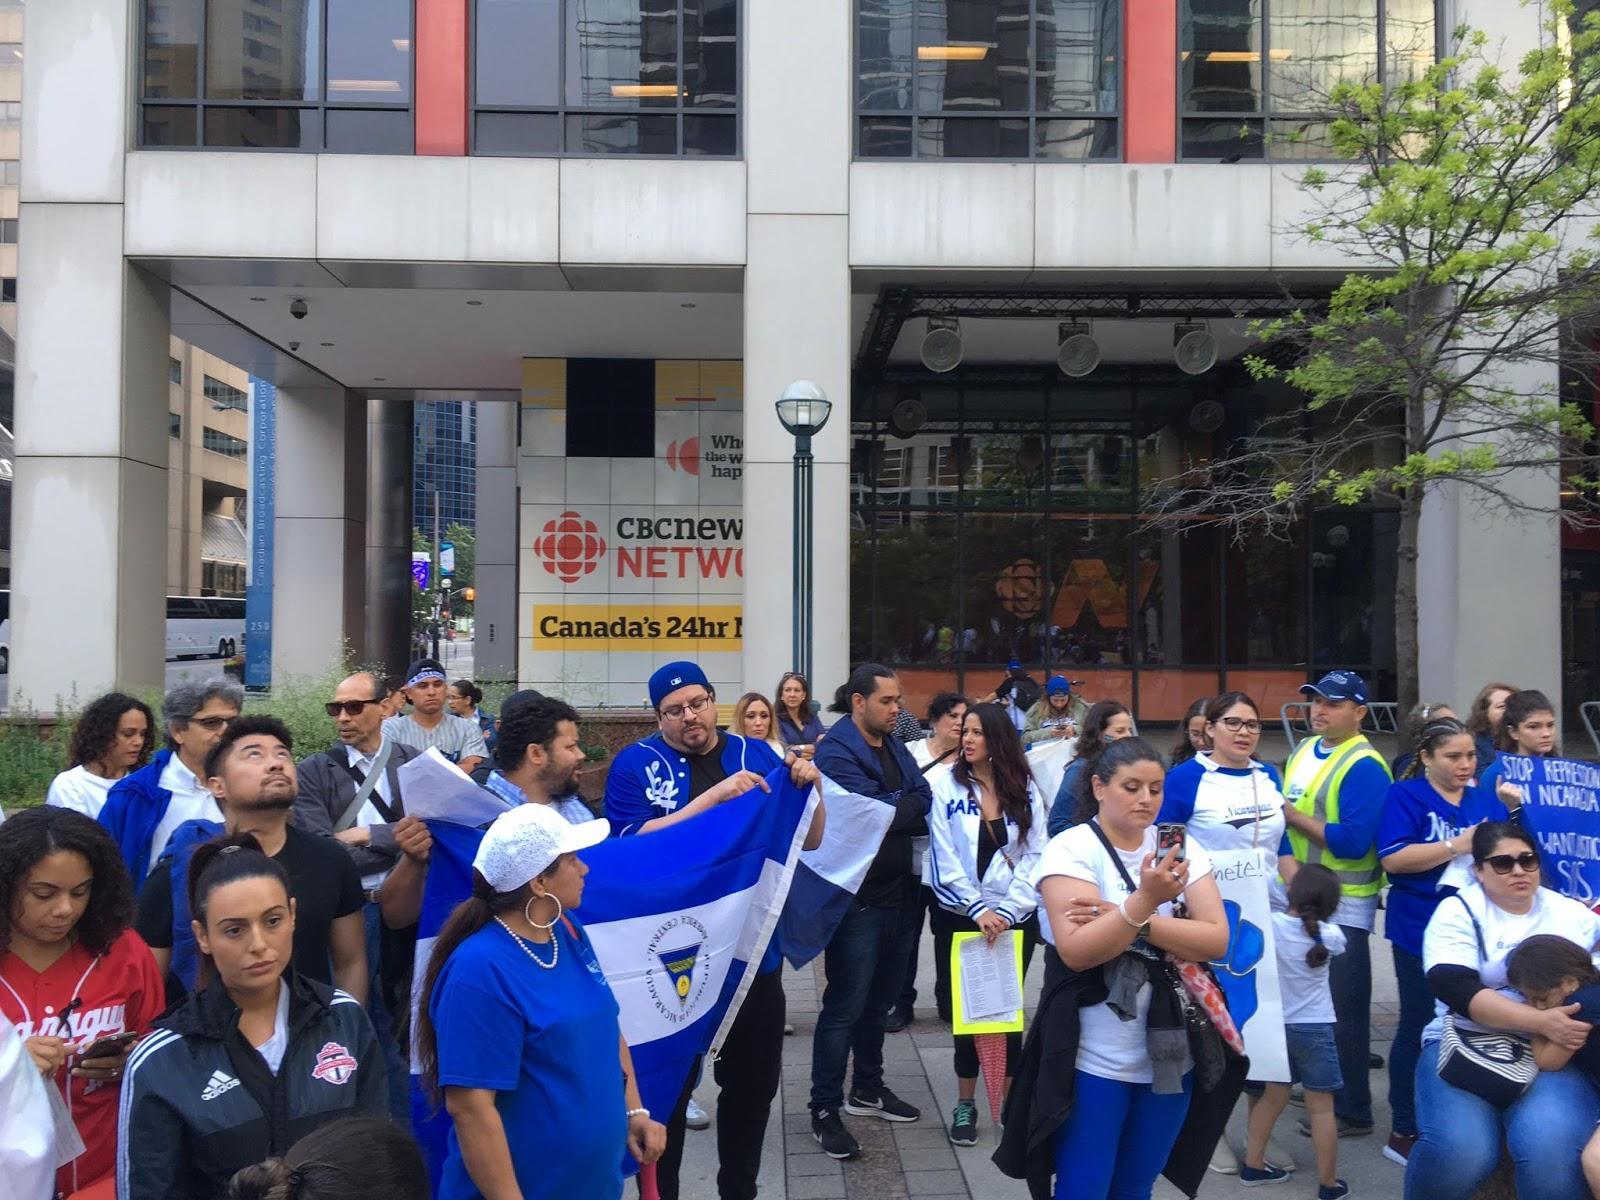 Demanding more coverage of Nicaraguan repression